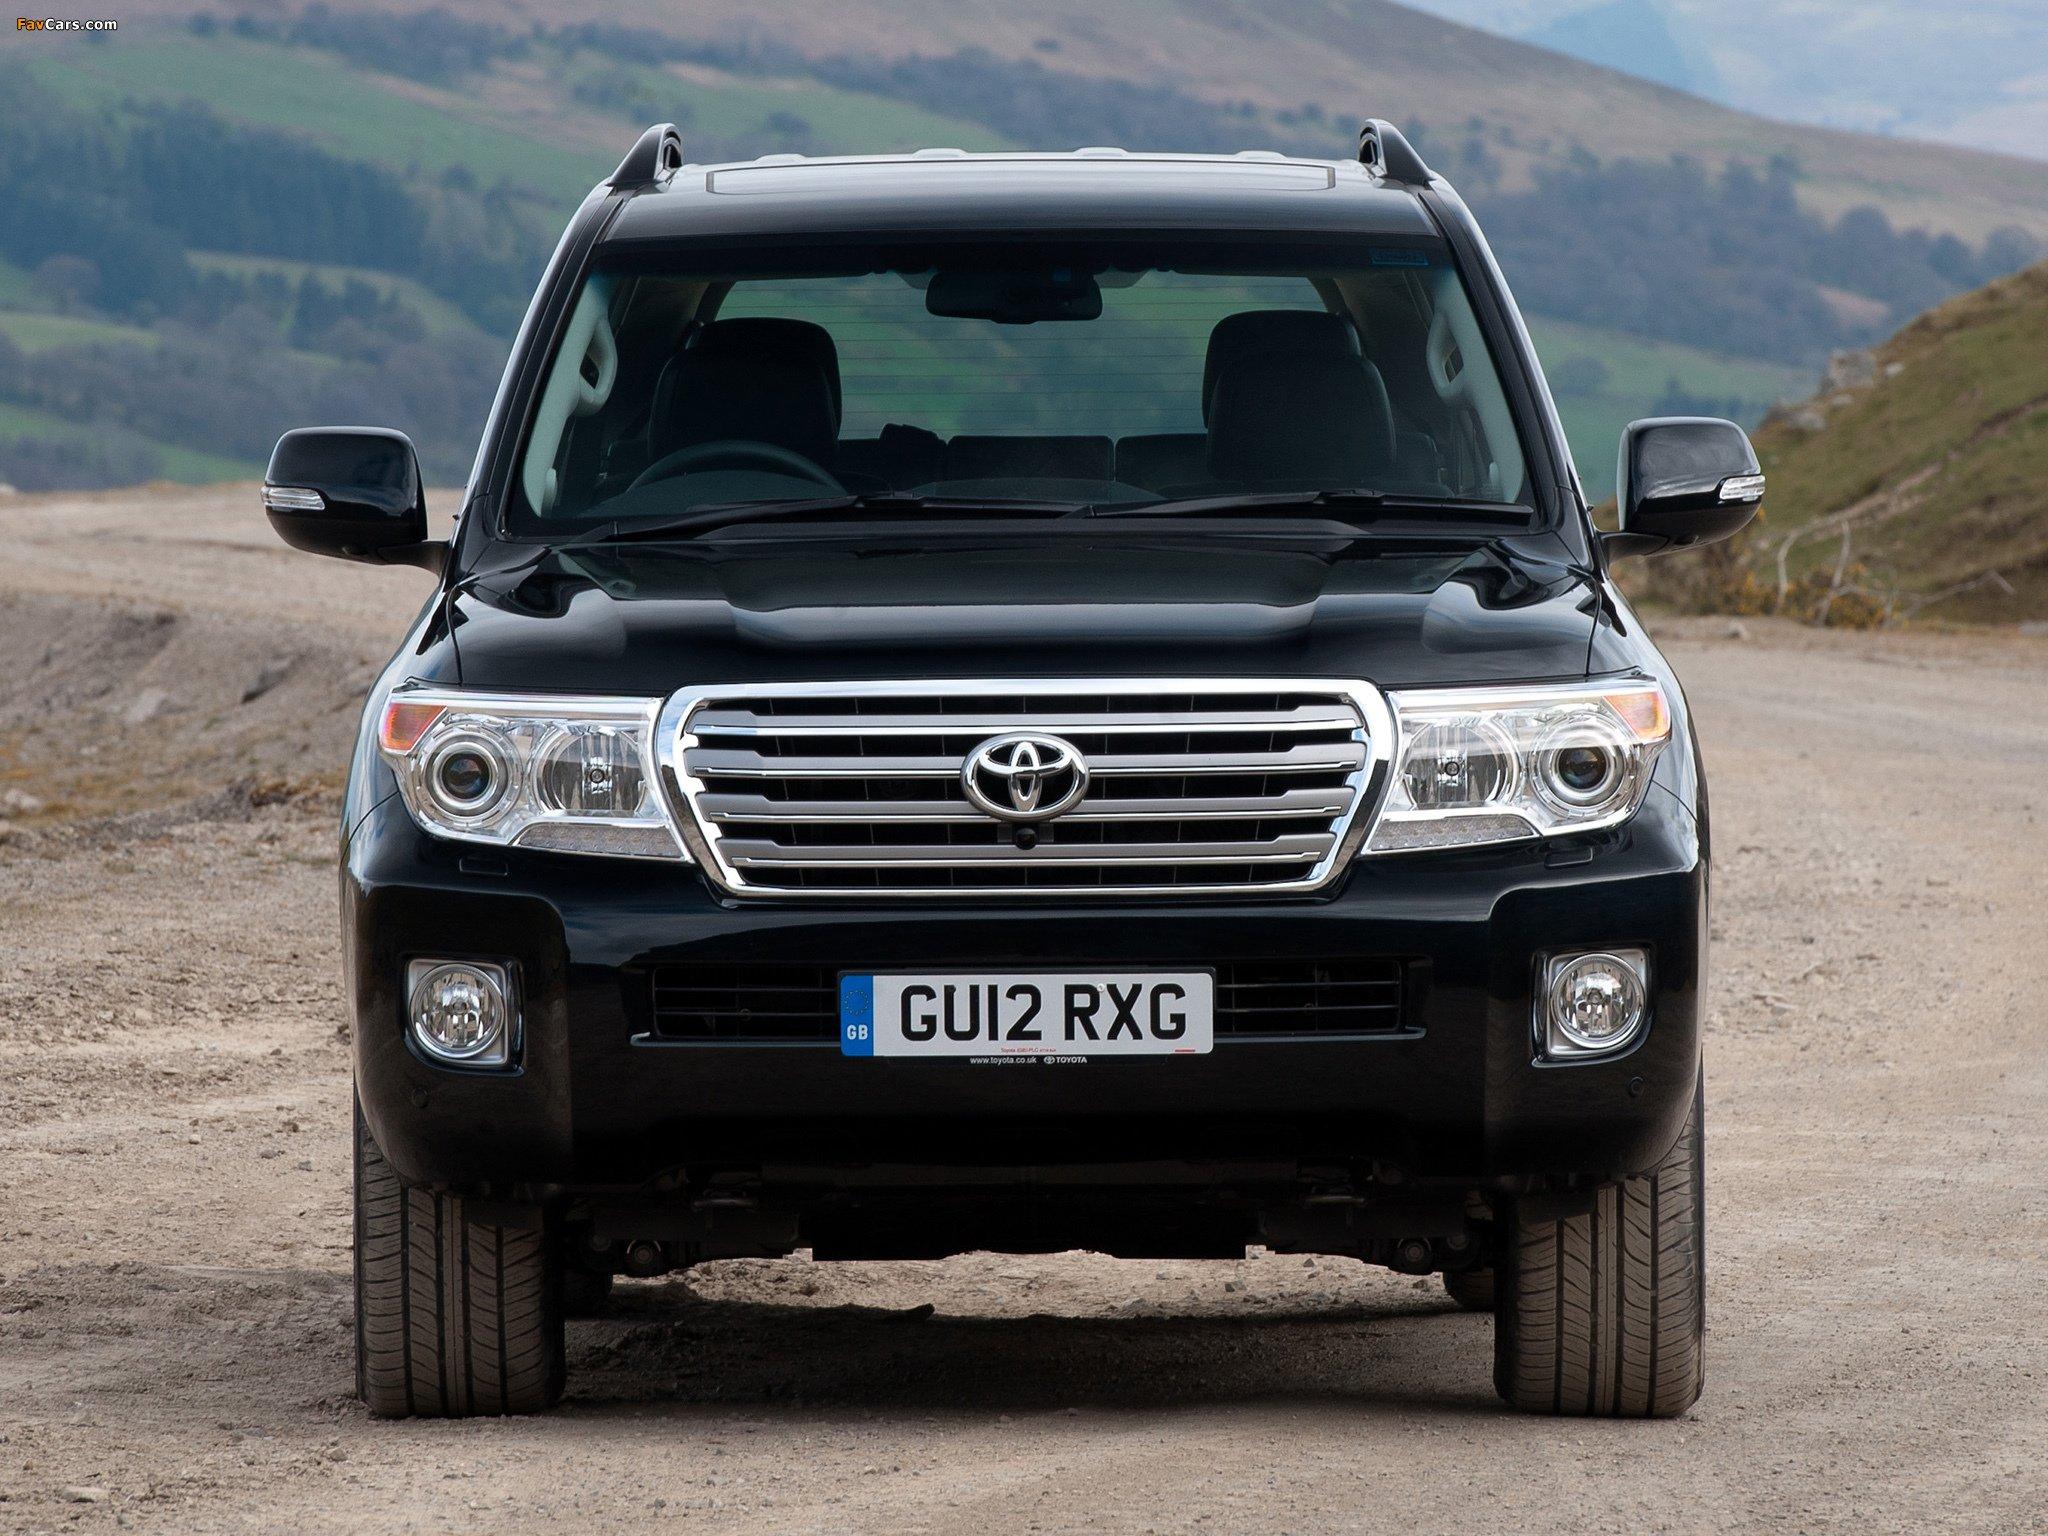 Какое оригинальное навесное оборудование можно установить на Toyota Land Cruiser 200?